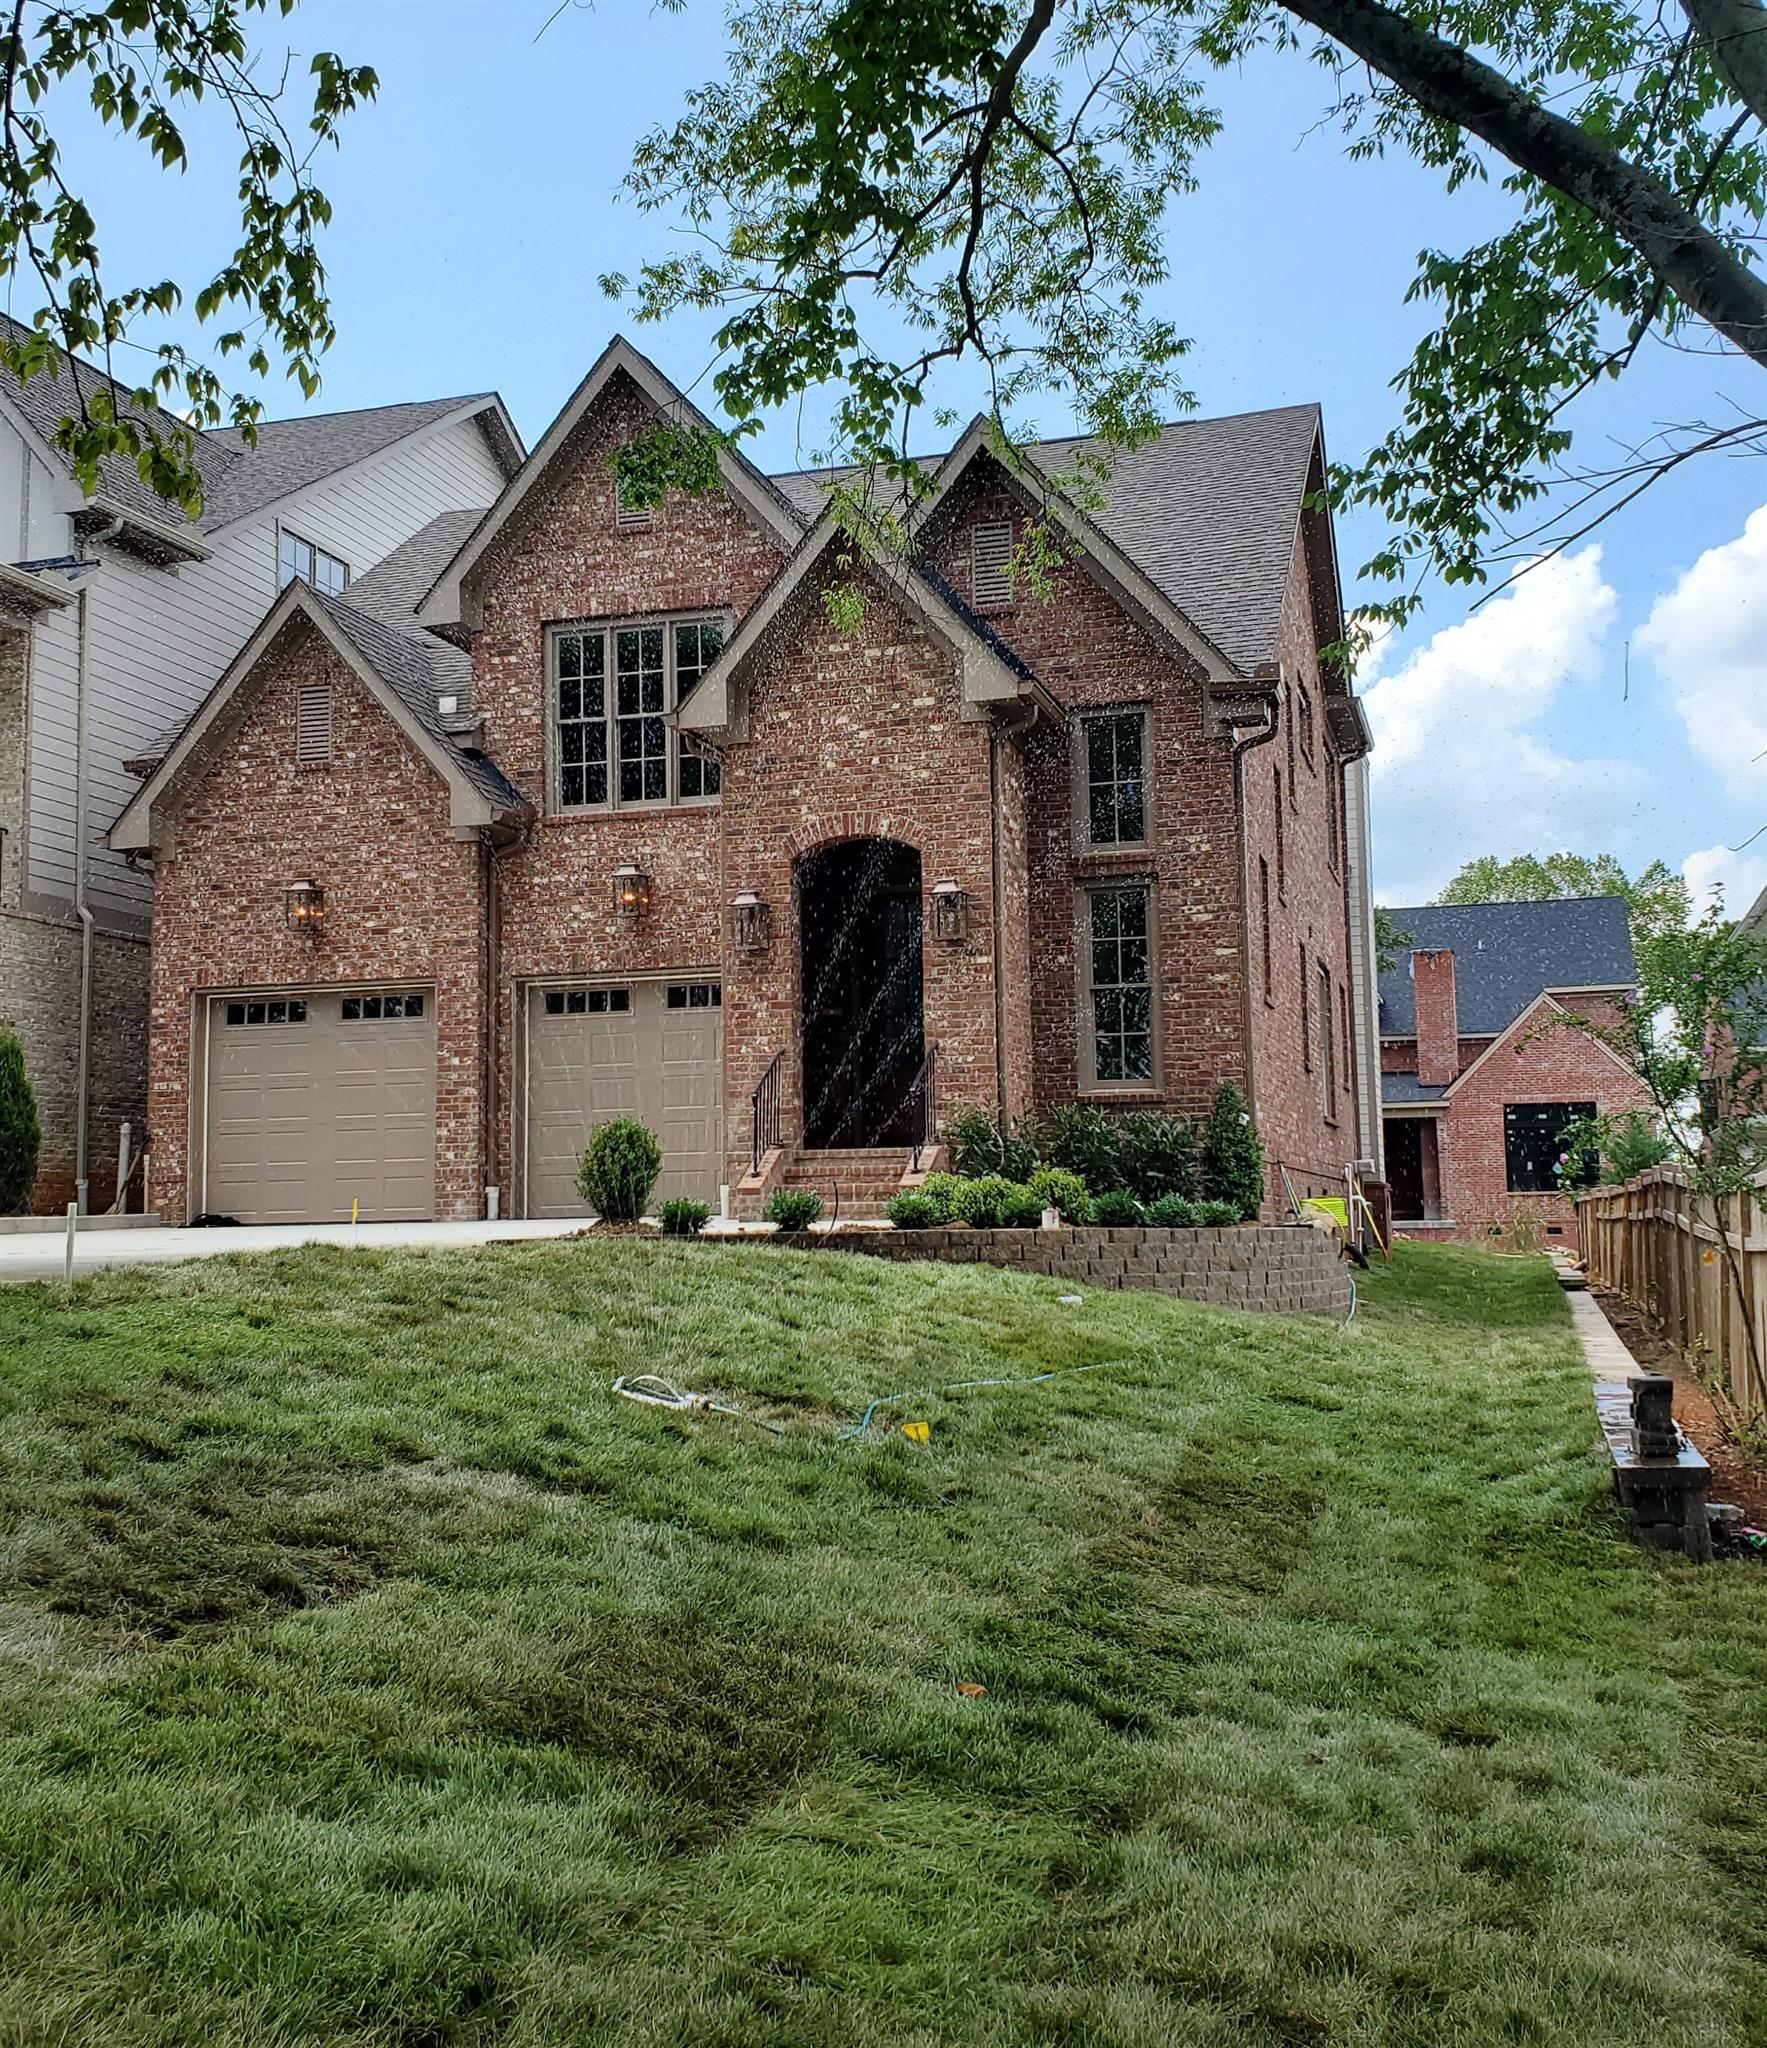 Belmont Sec 2 Ph 1 Real Estate Listings Main Image